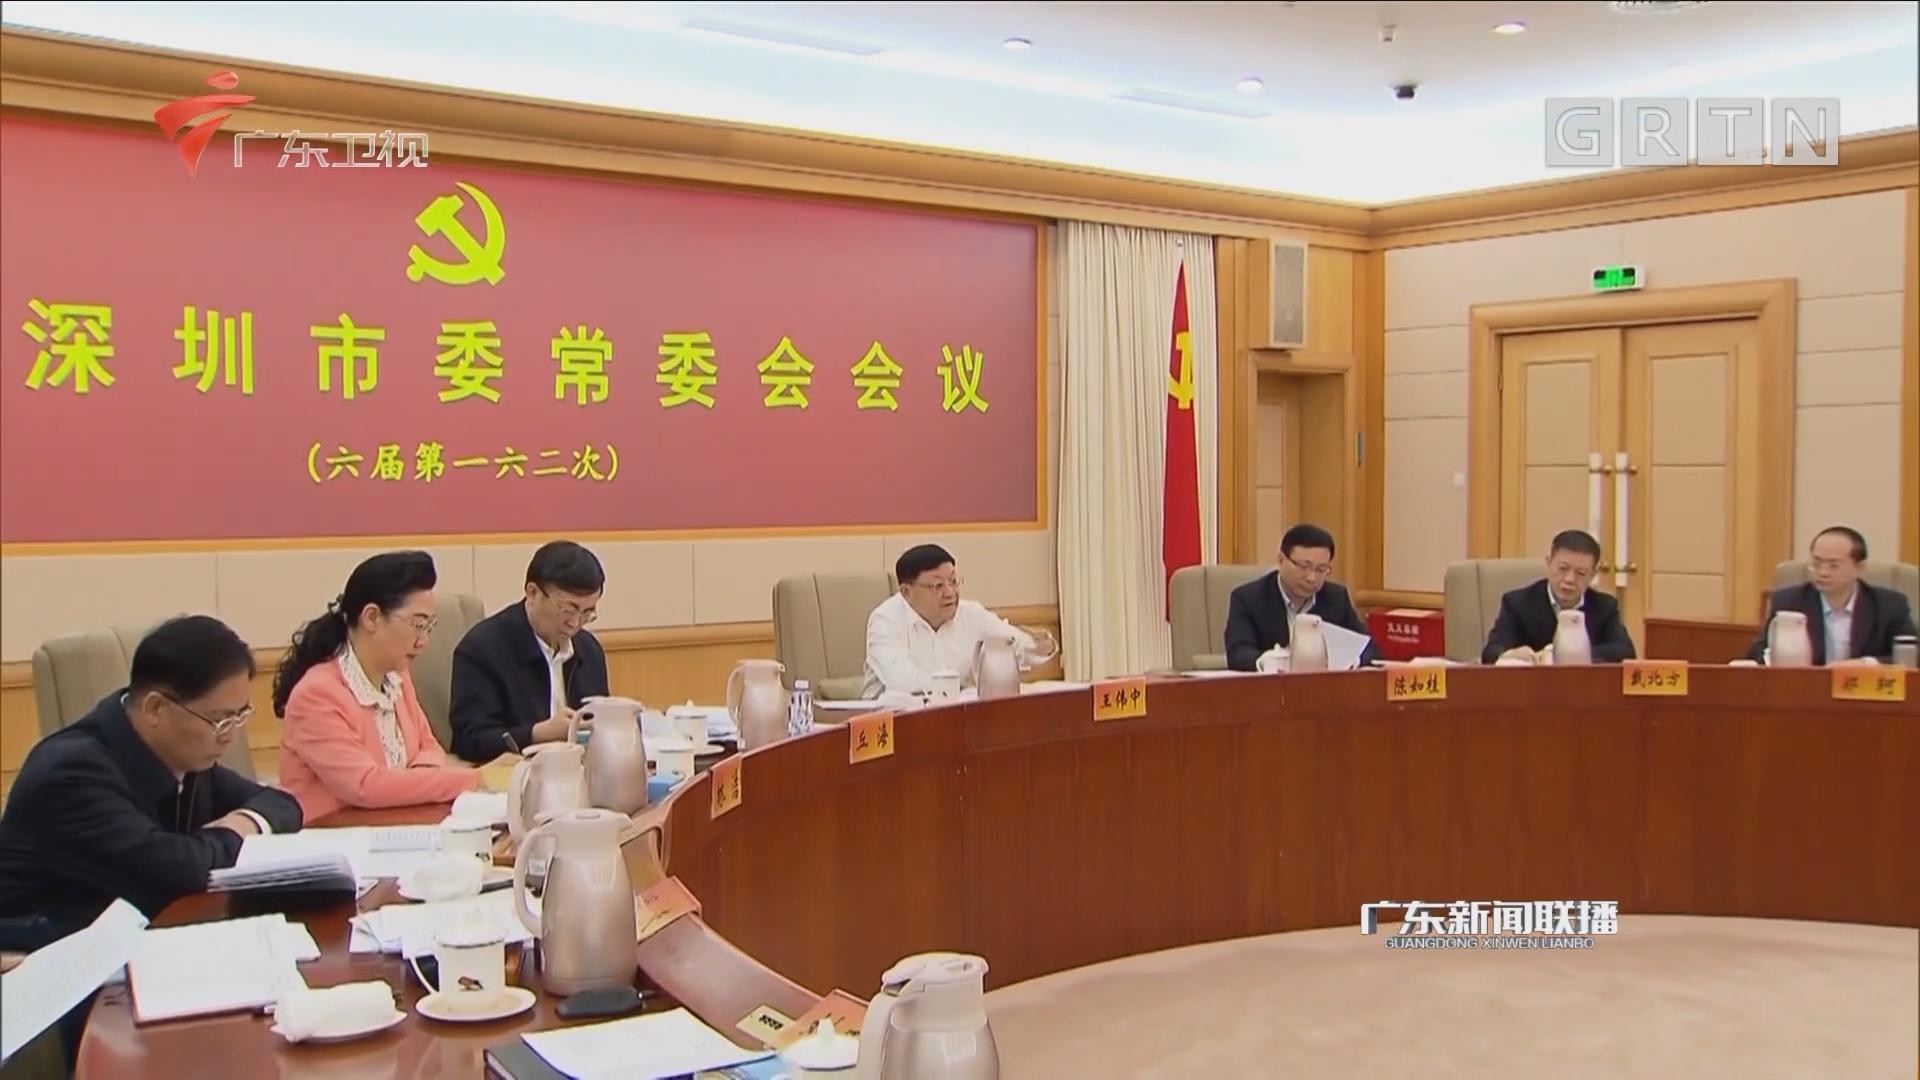 认真学习贯彻习近平总书记重要讲话精神 坚定不移把新时代深圳改革开放推向前进